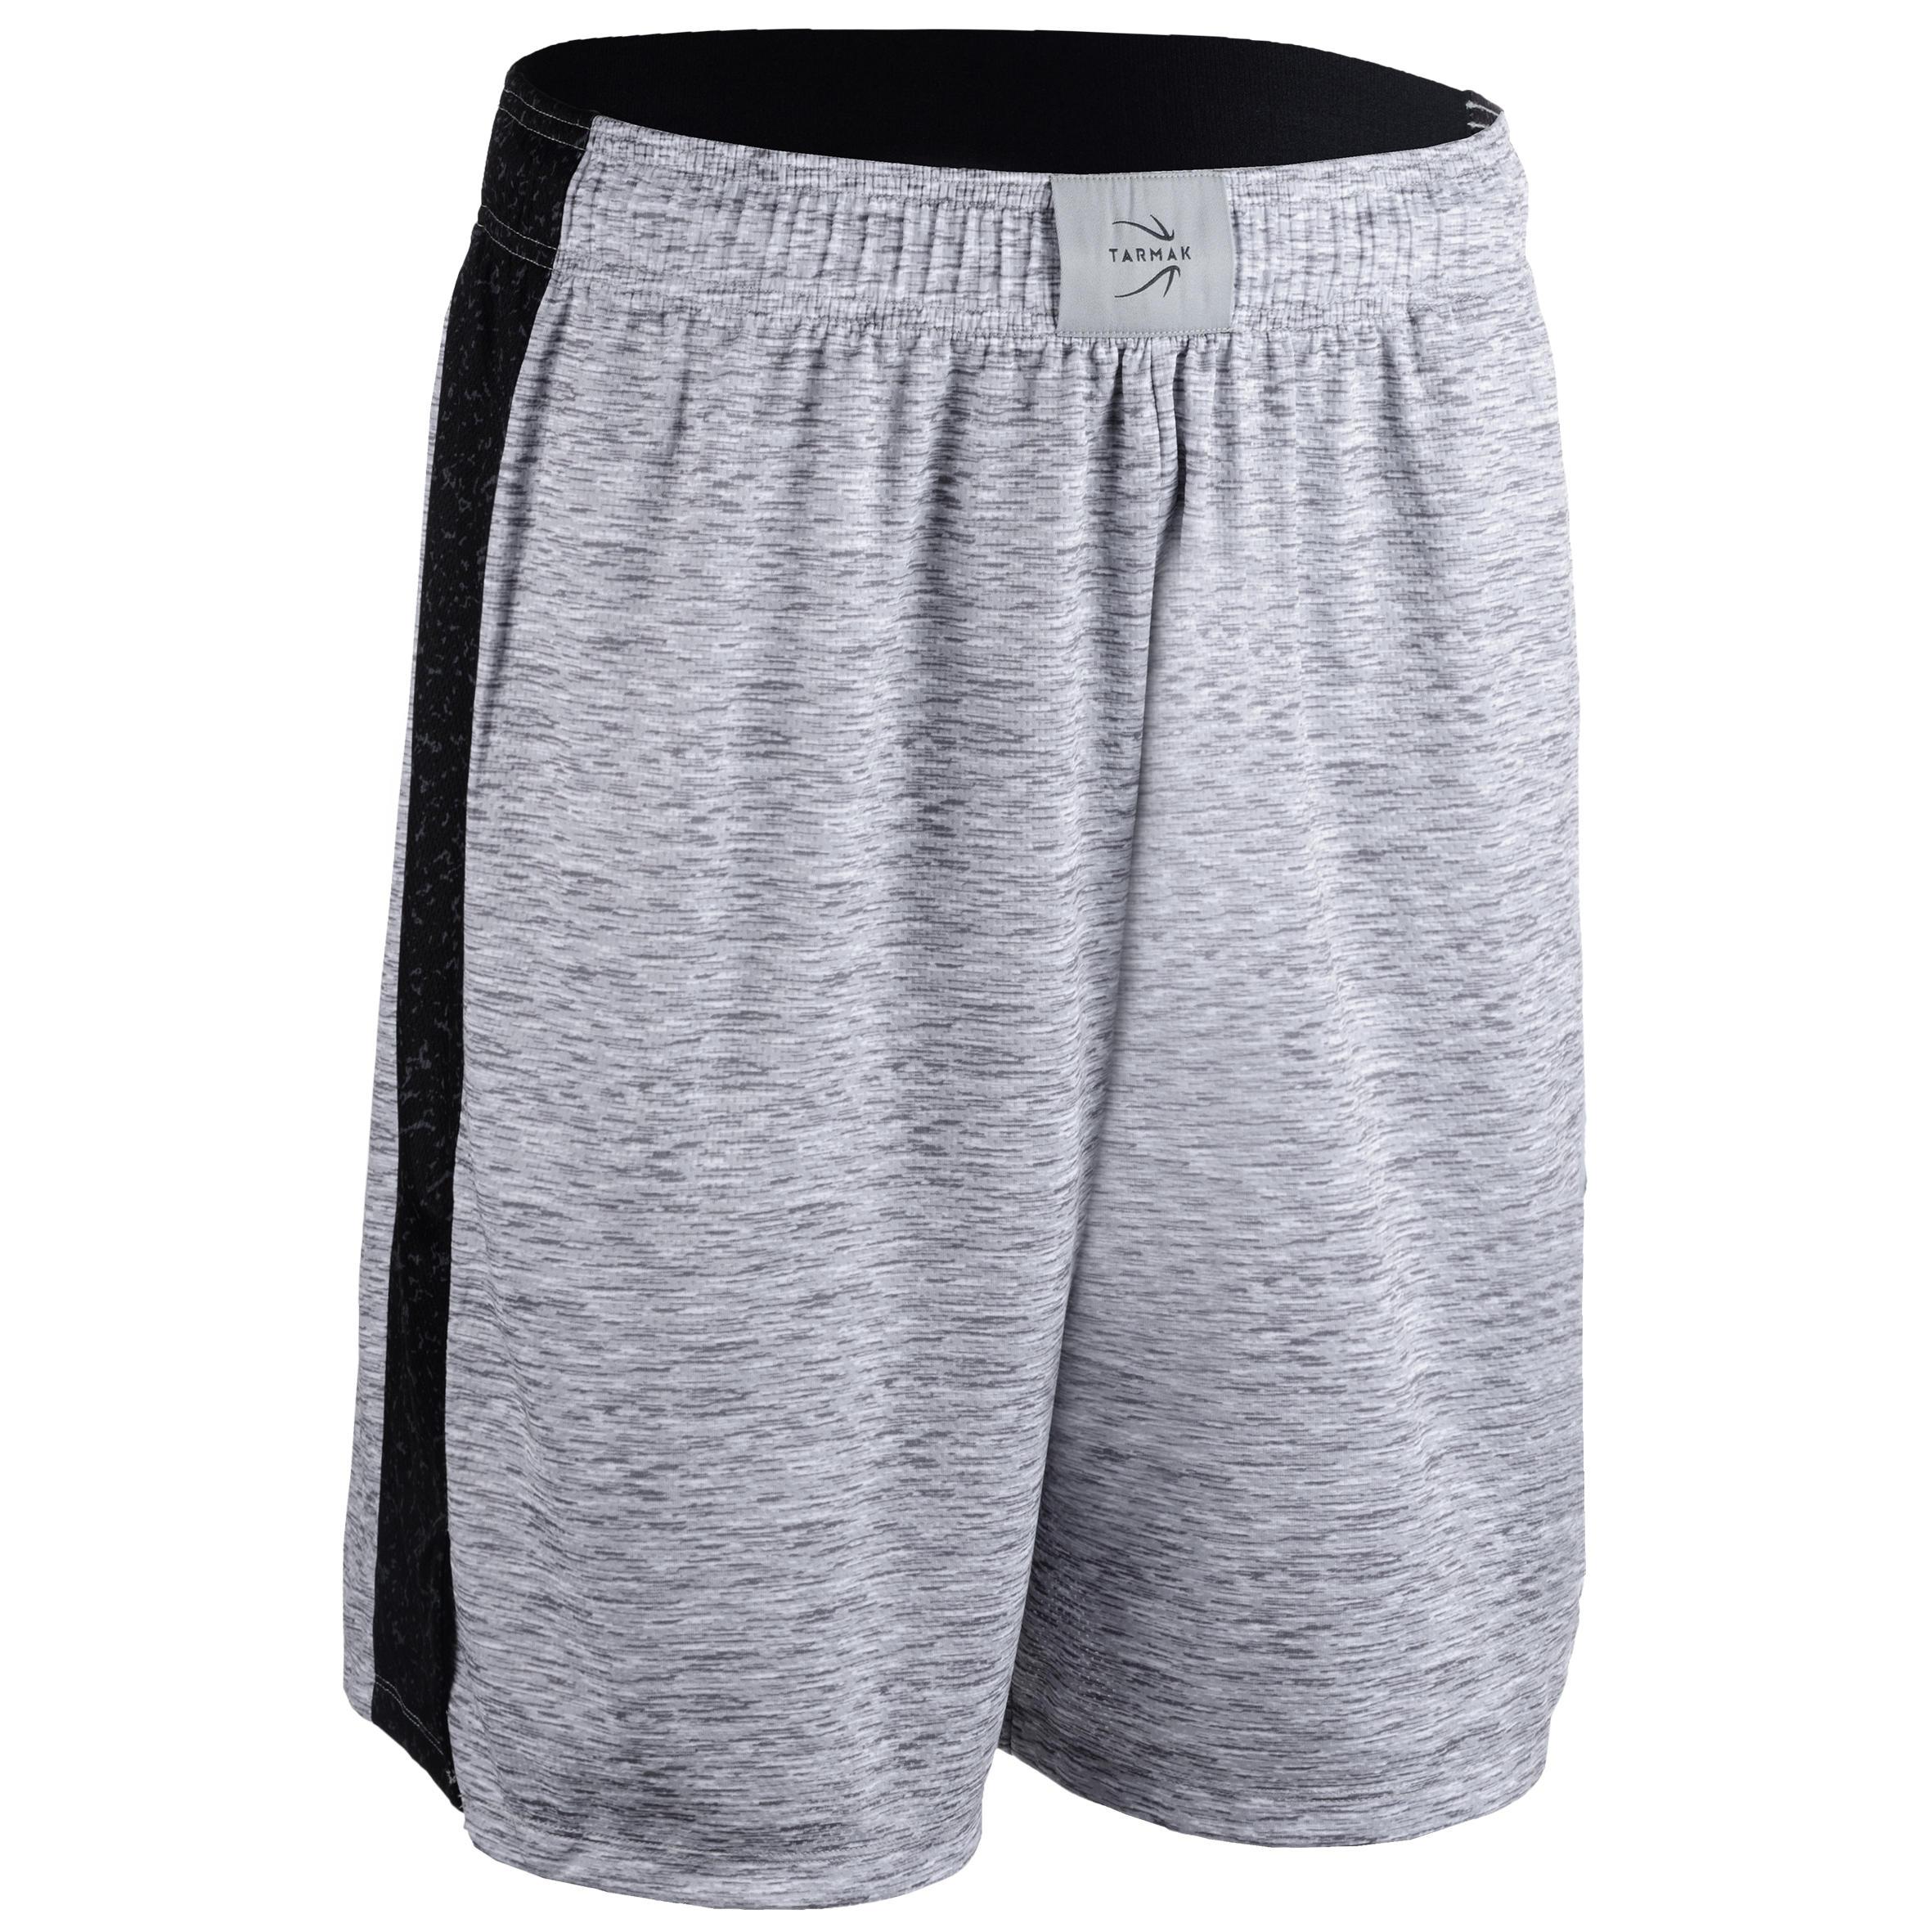 Basketballshorts SH500 Herren   Sportbekleidung > Sporthosen > Basketballshorts   Tarmak